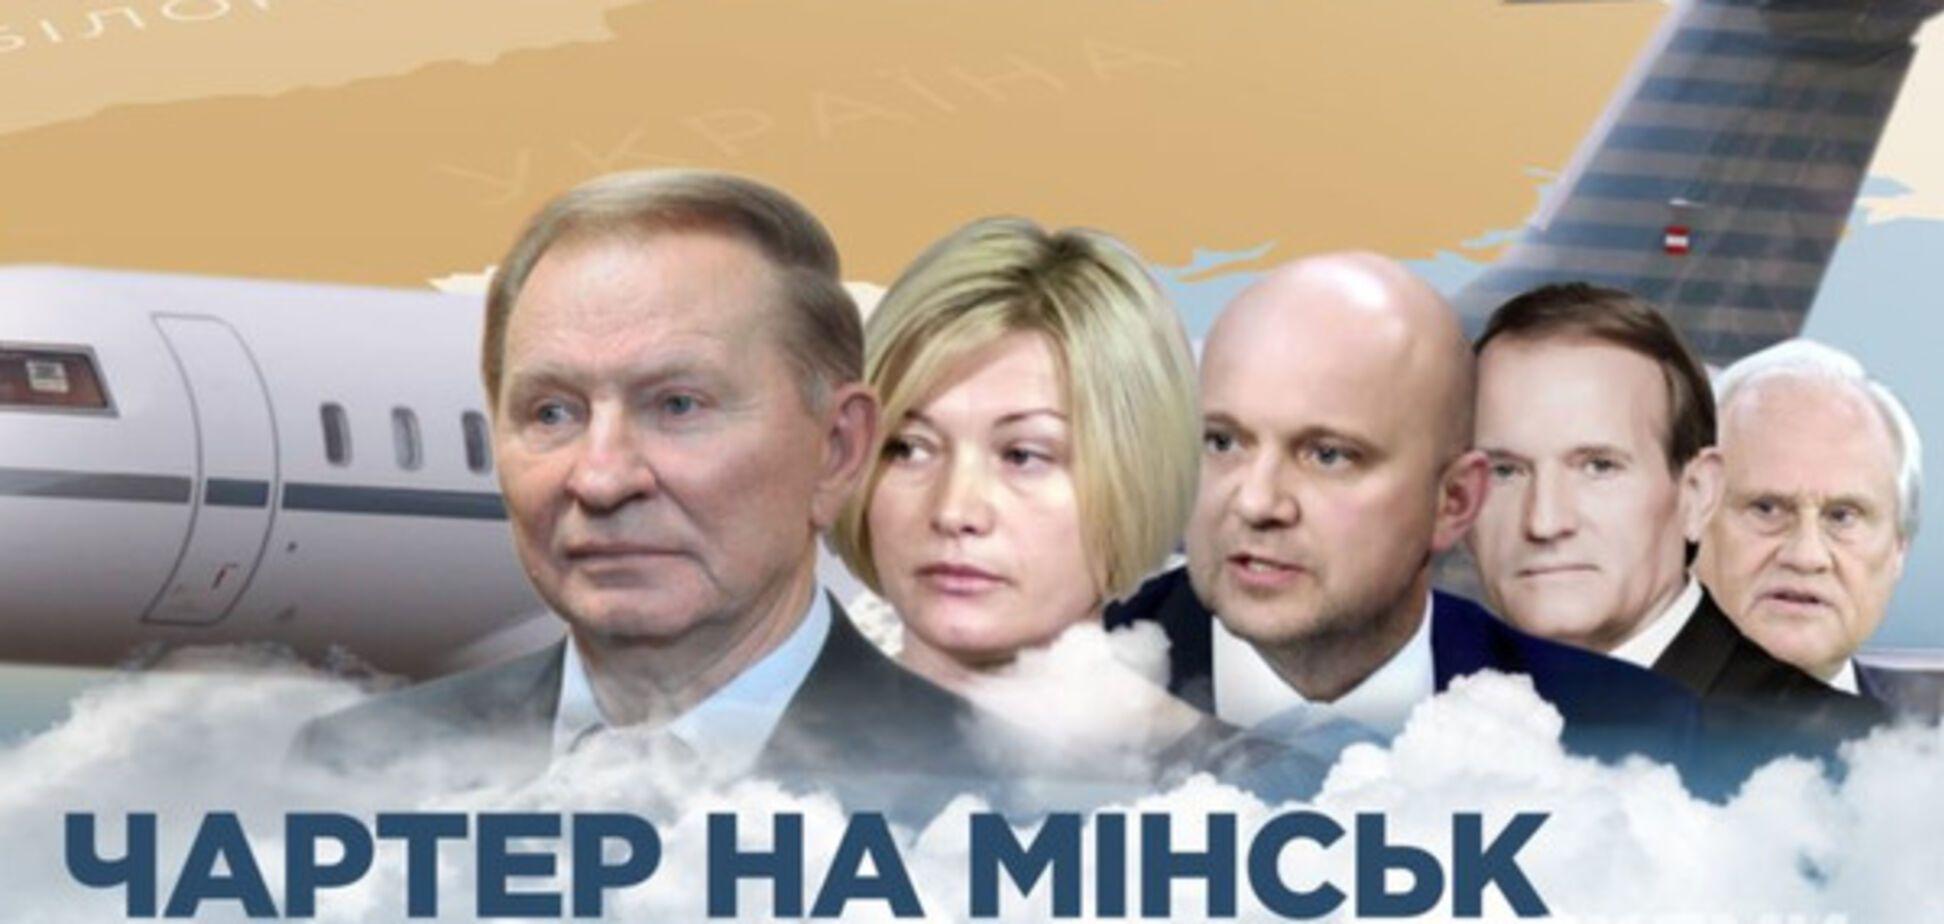 Чартер на Минск